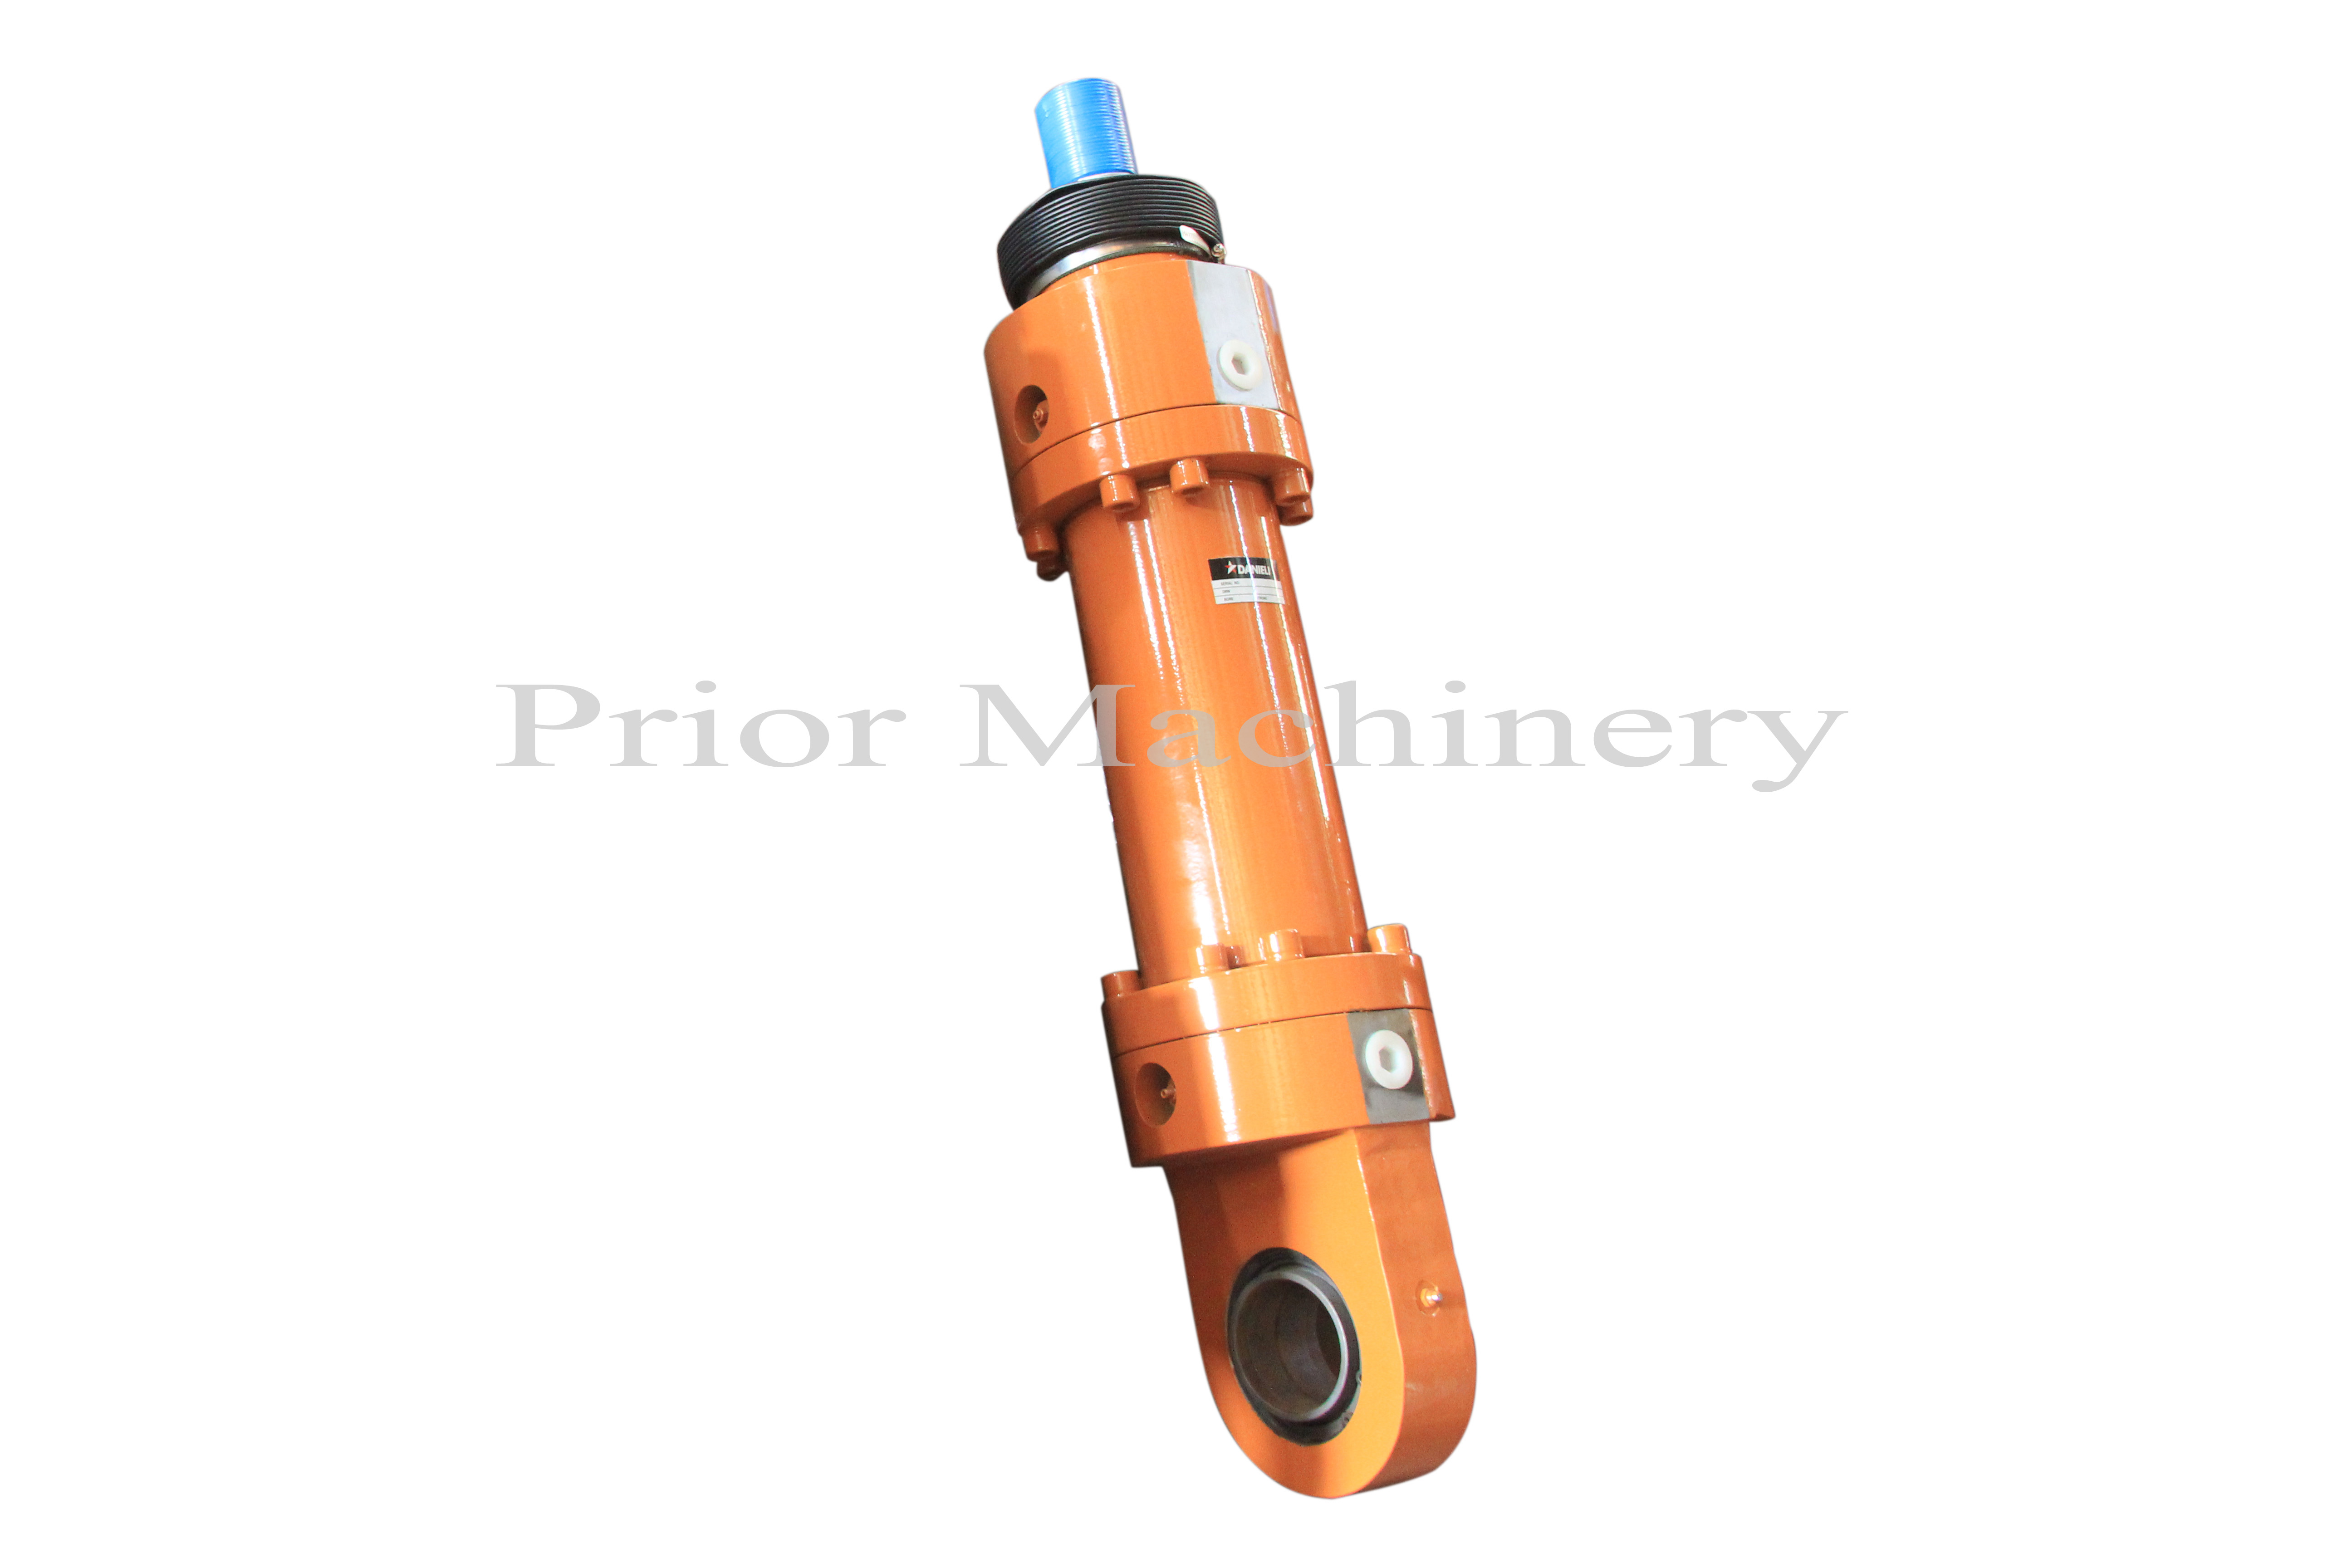 adjustable hydraulic cylinder